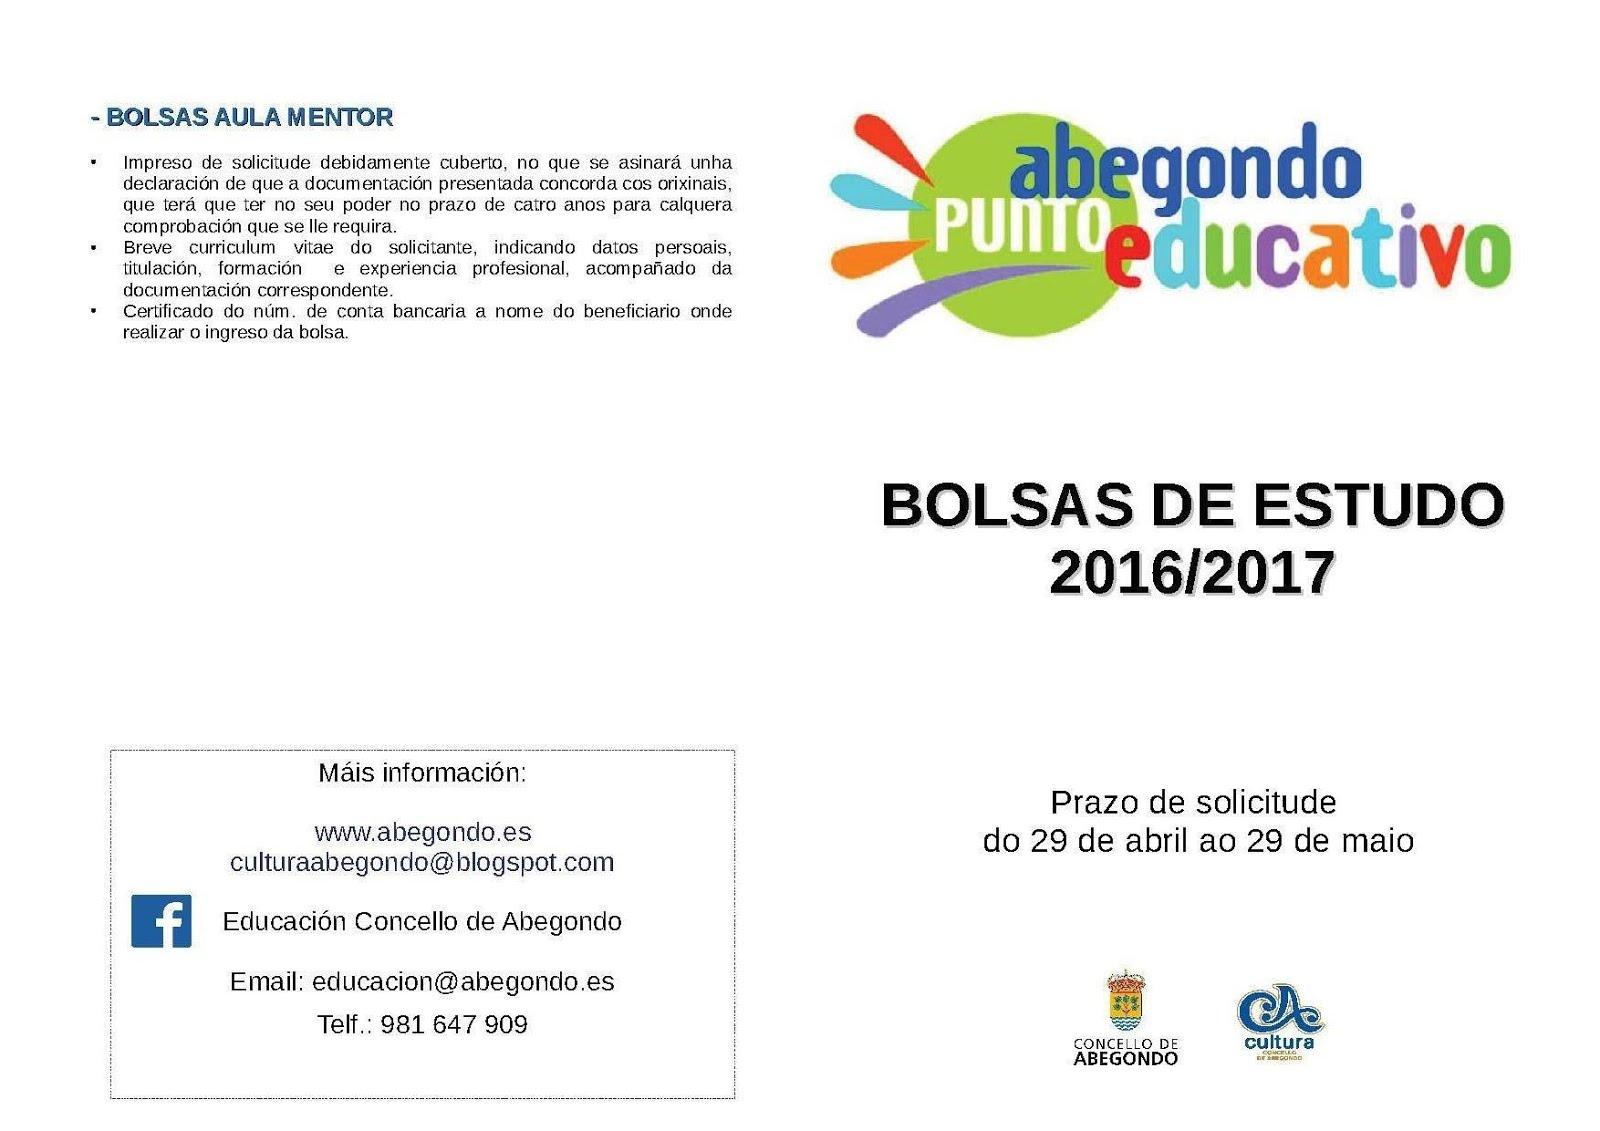 Bolsas de Estudo 2016/2017